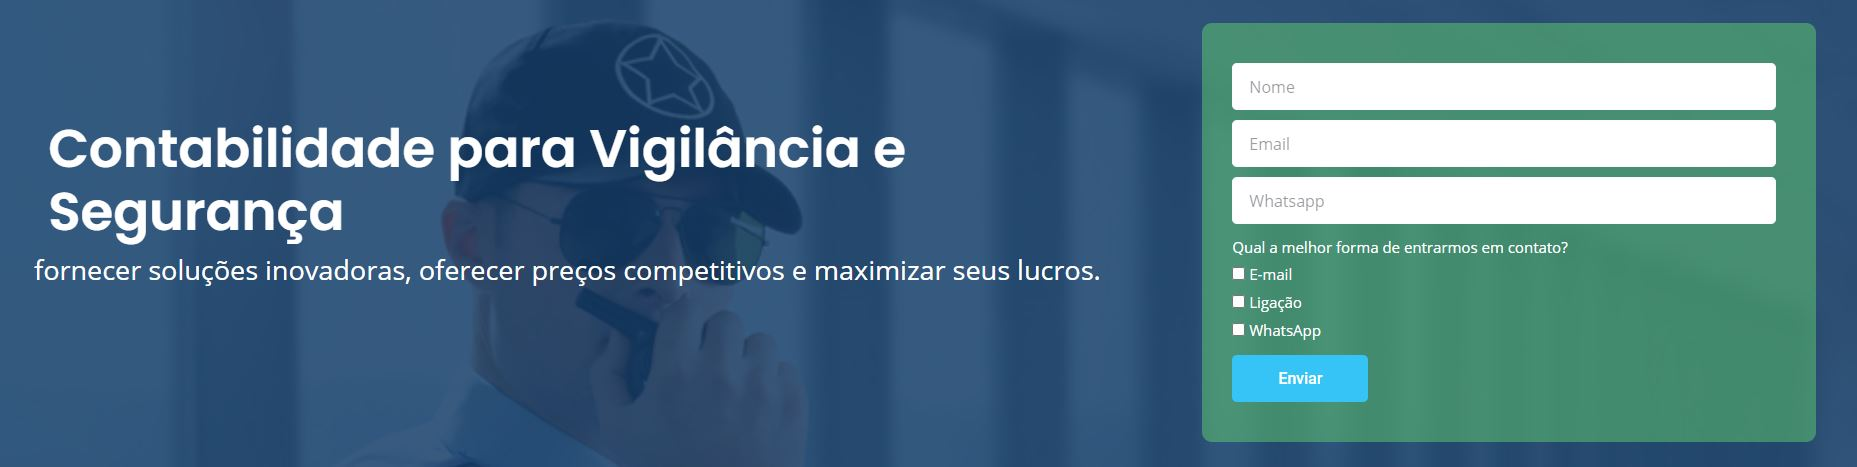 Vigilancia E Seguranca Em Sao Paulo - Contabilidade em São Paulo | RSP Contabilidade